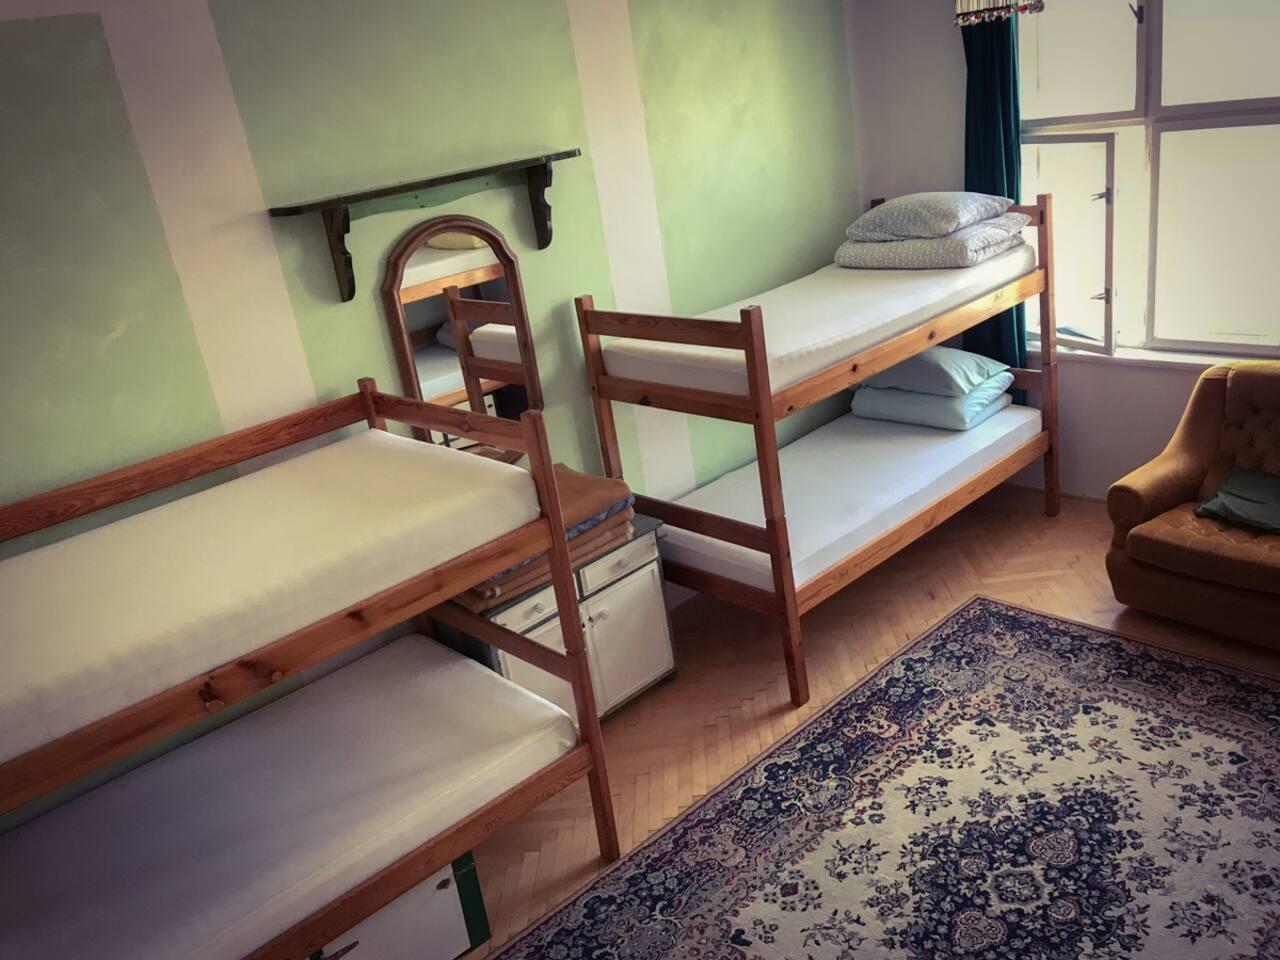 The Green Dorm on the 4th floor can sleep 8.